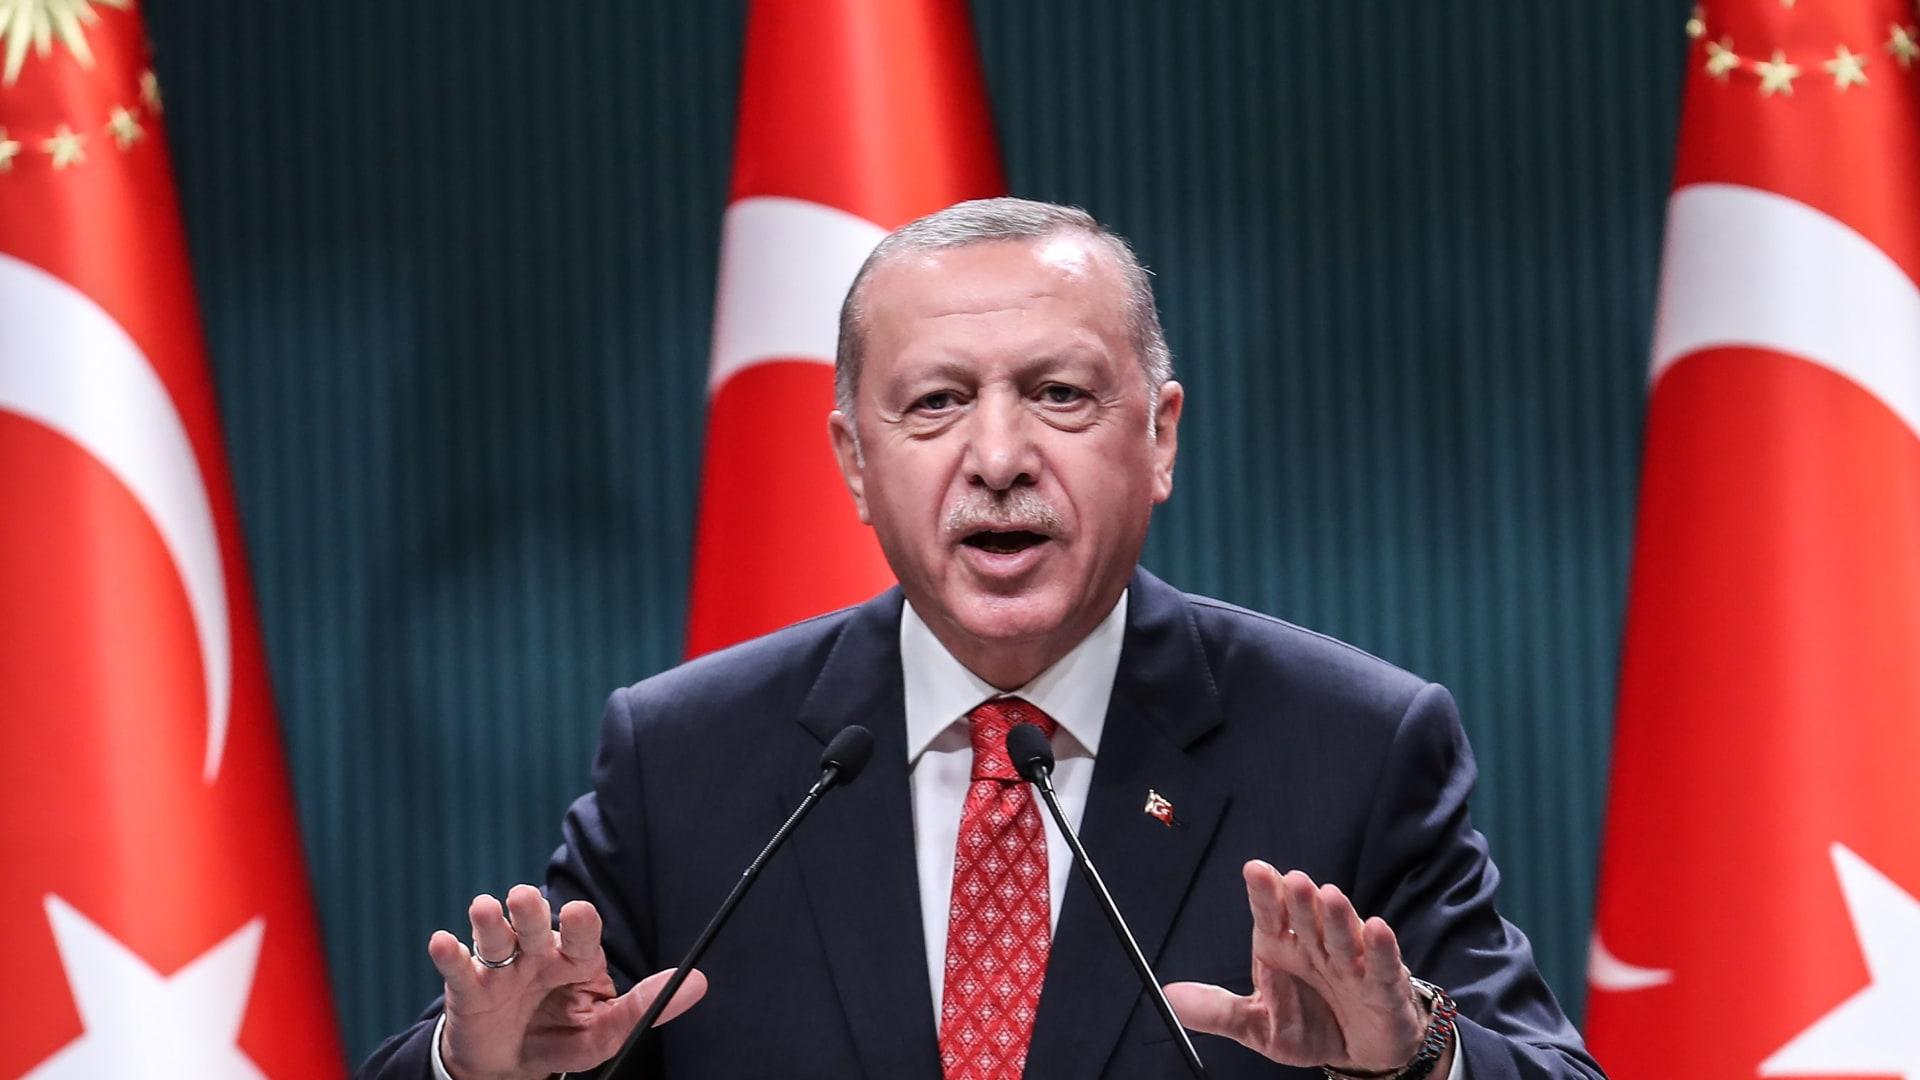 """أردوغان يثير غضب إيران بقصيدة """"انفصالية"""".. وطهران تستدعي السفير التركي"""